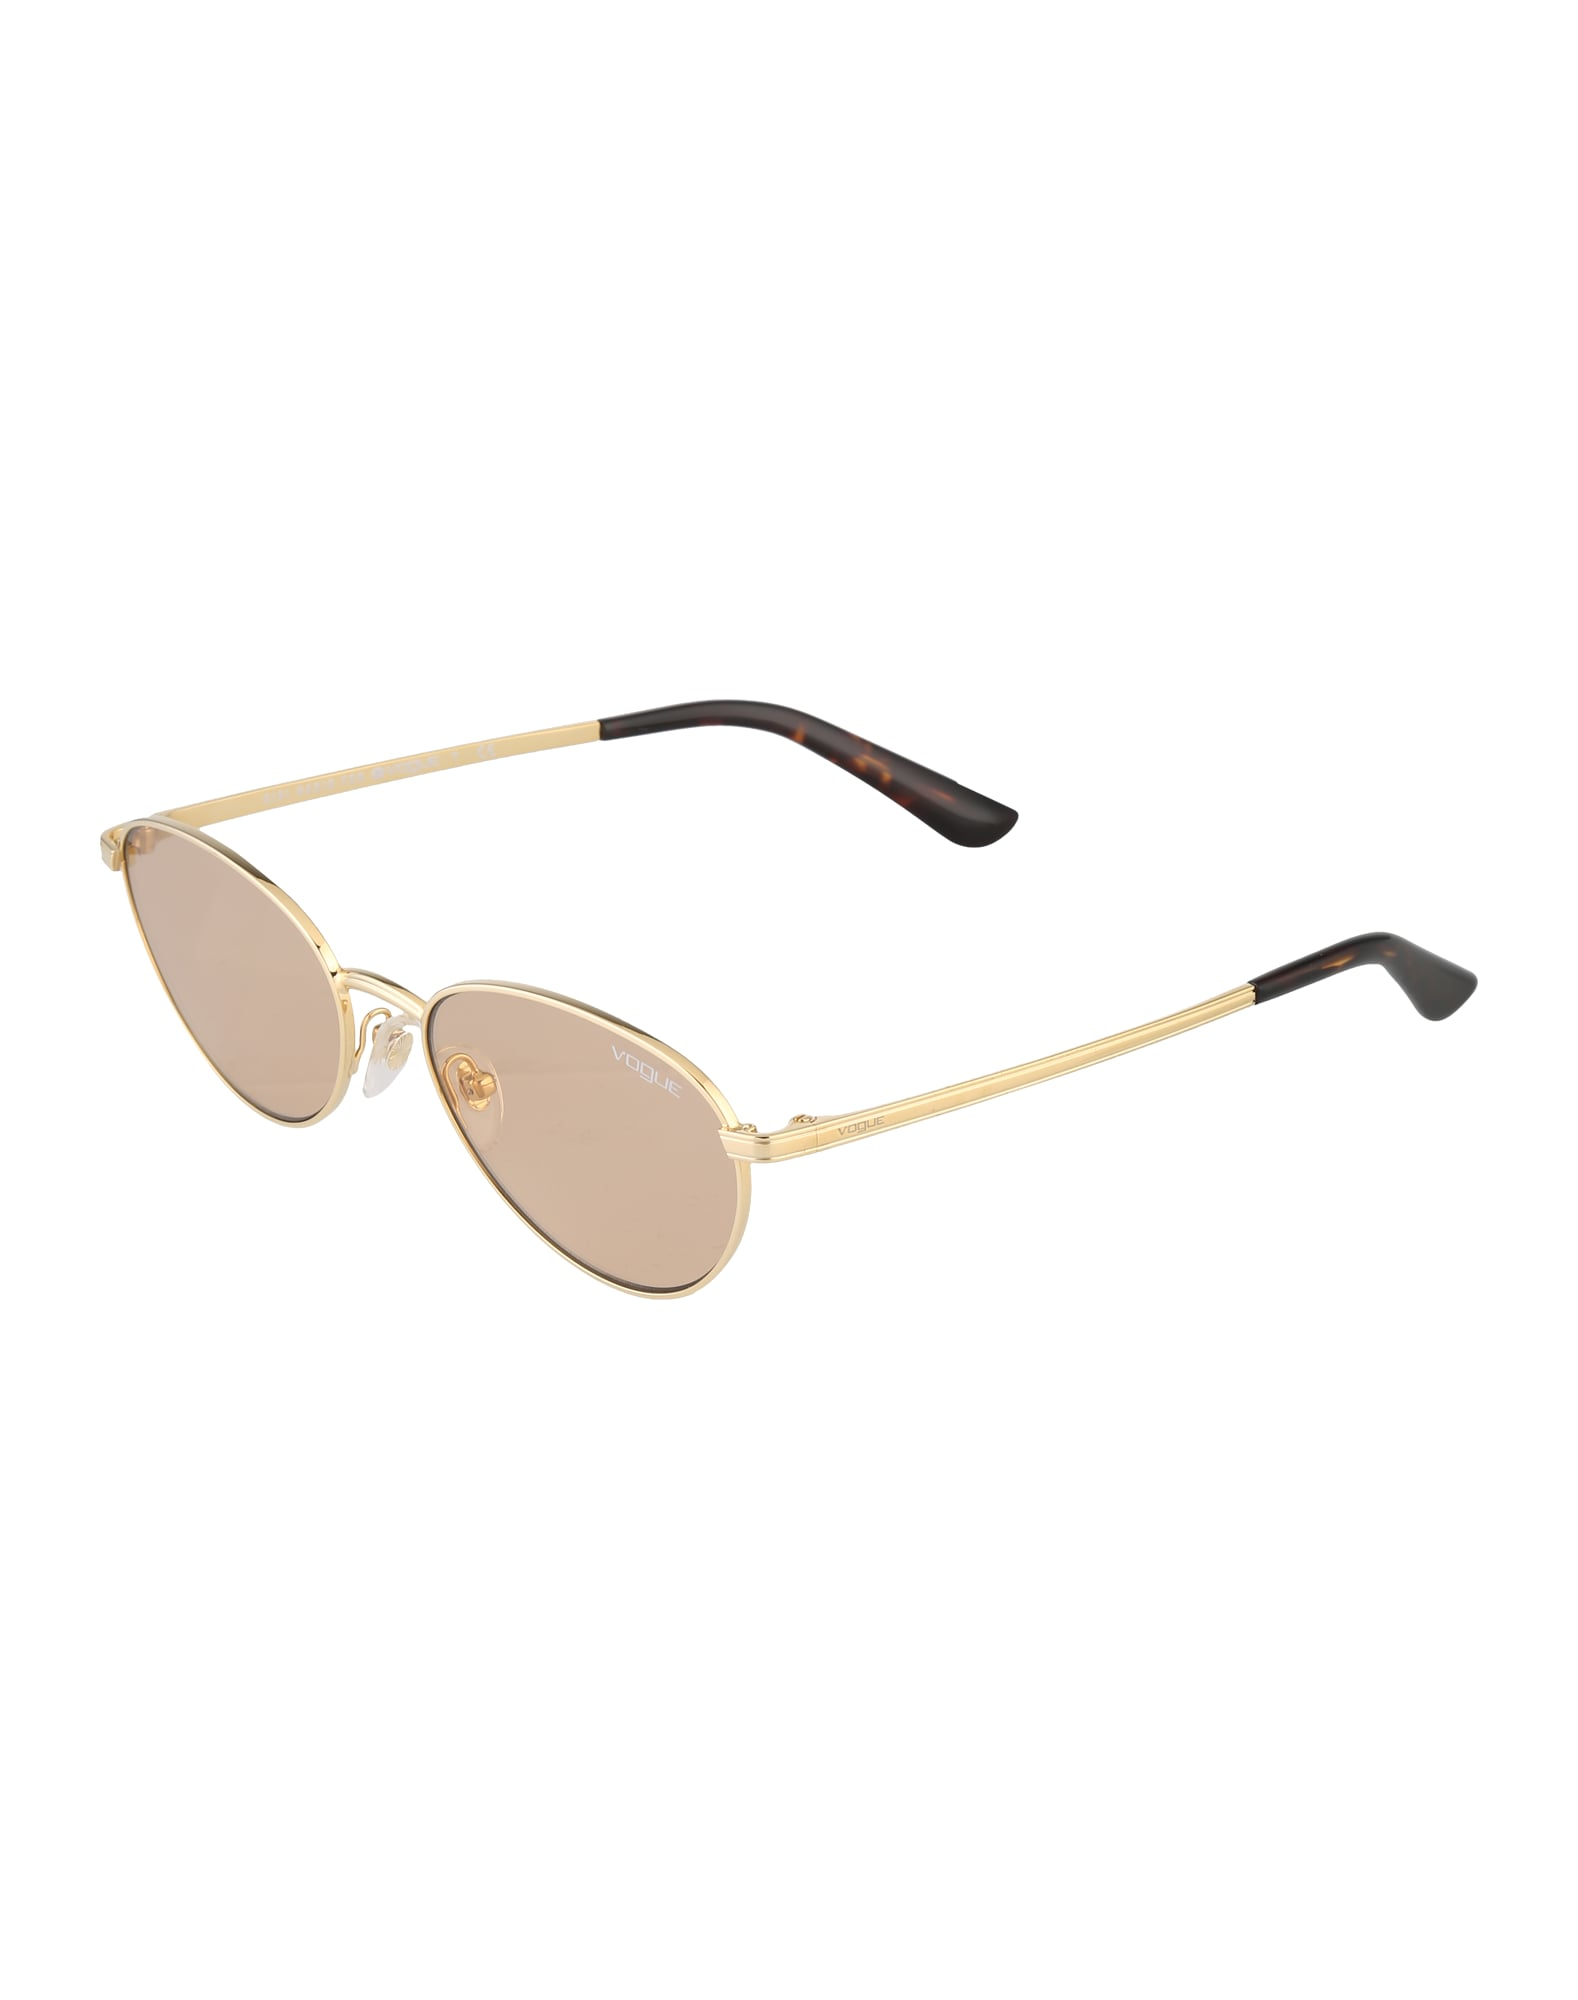 Sluneční brýle hnědá zlatá VOGUE Eyewear